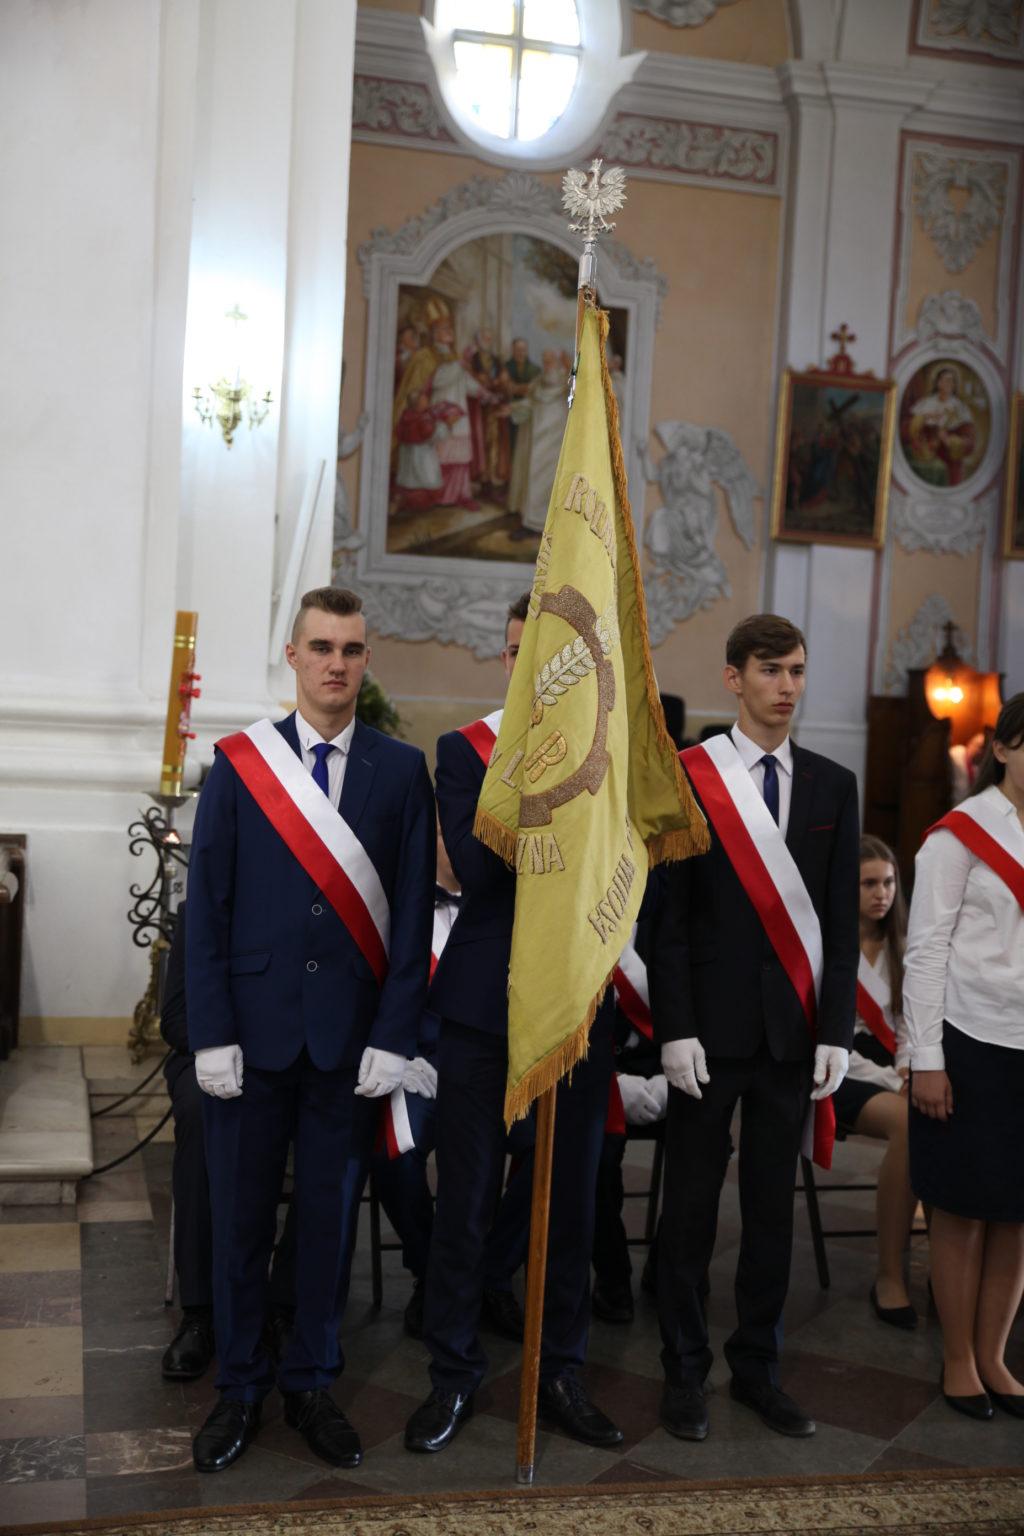 Uroczyste rozpoczęcie roku w Zespole Szkół CKR im. Wincentego Witosa